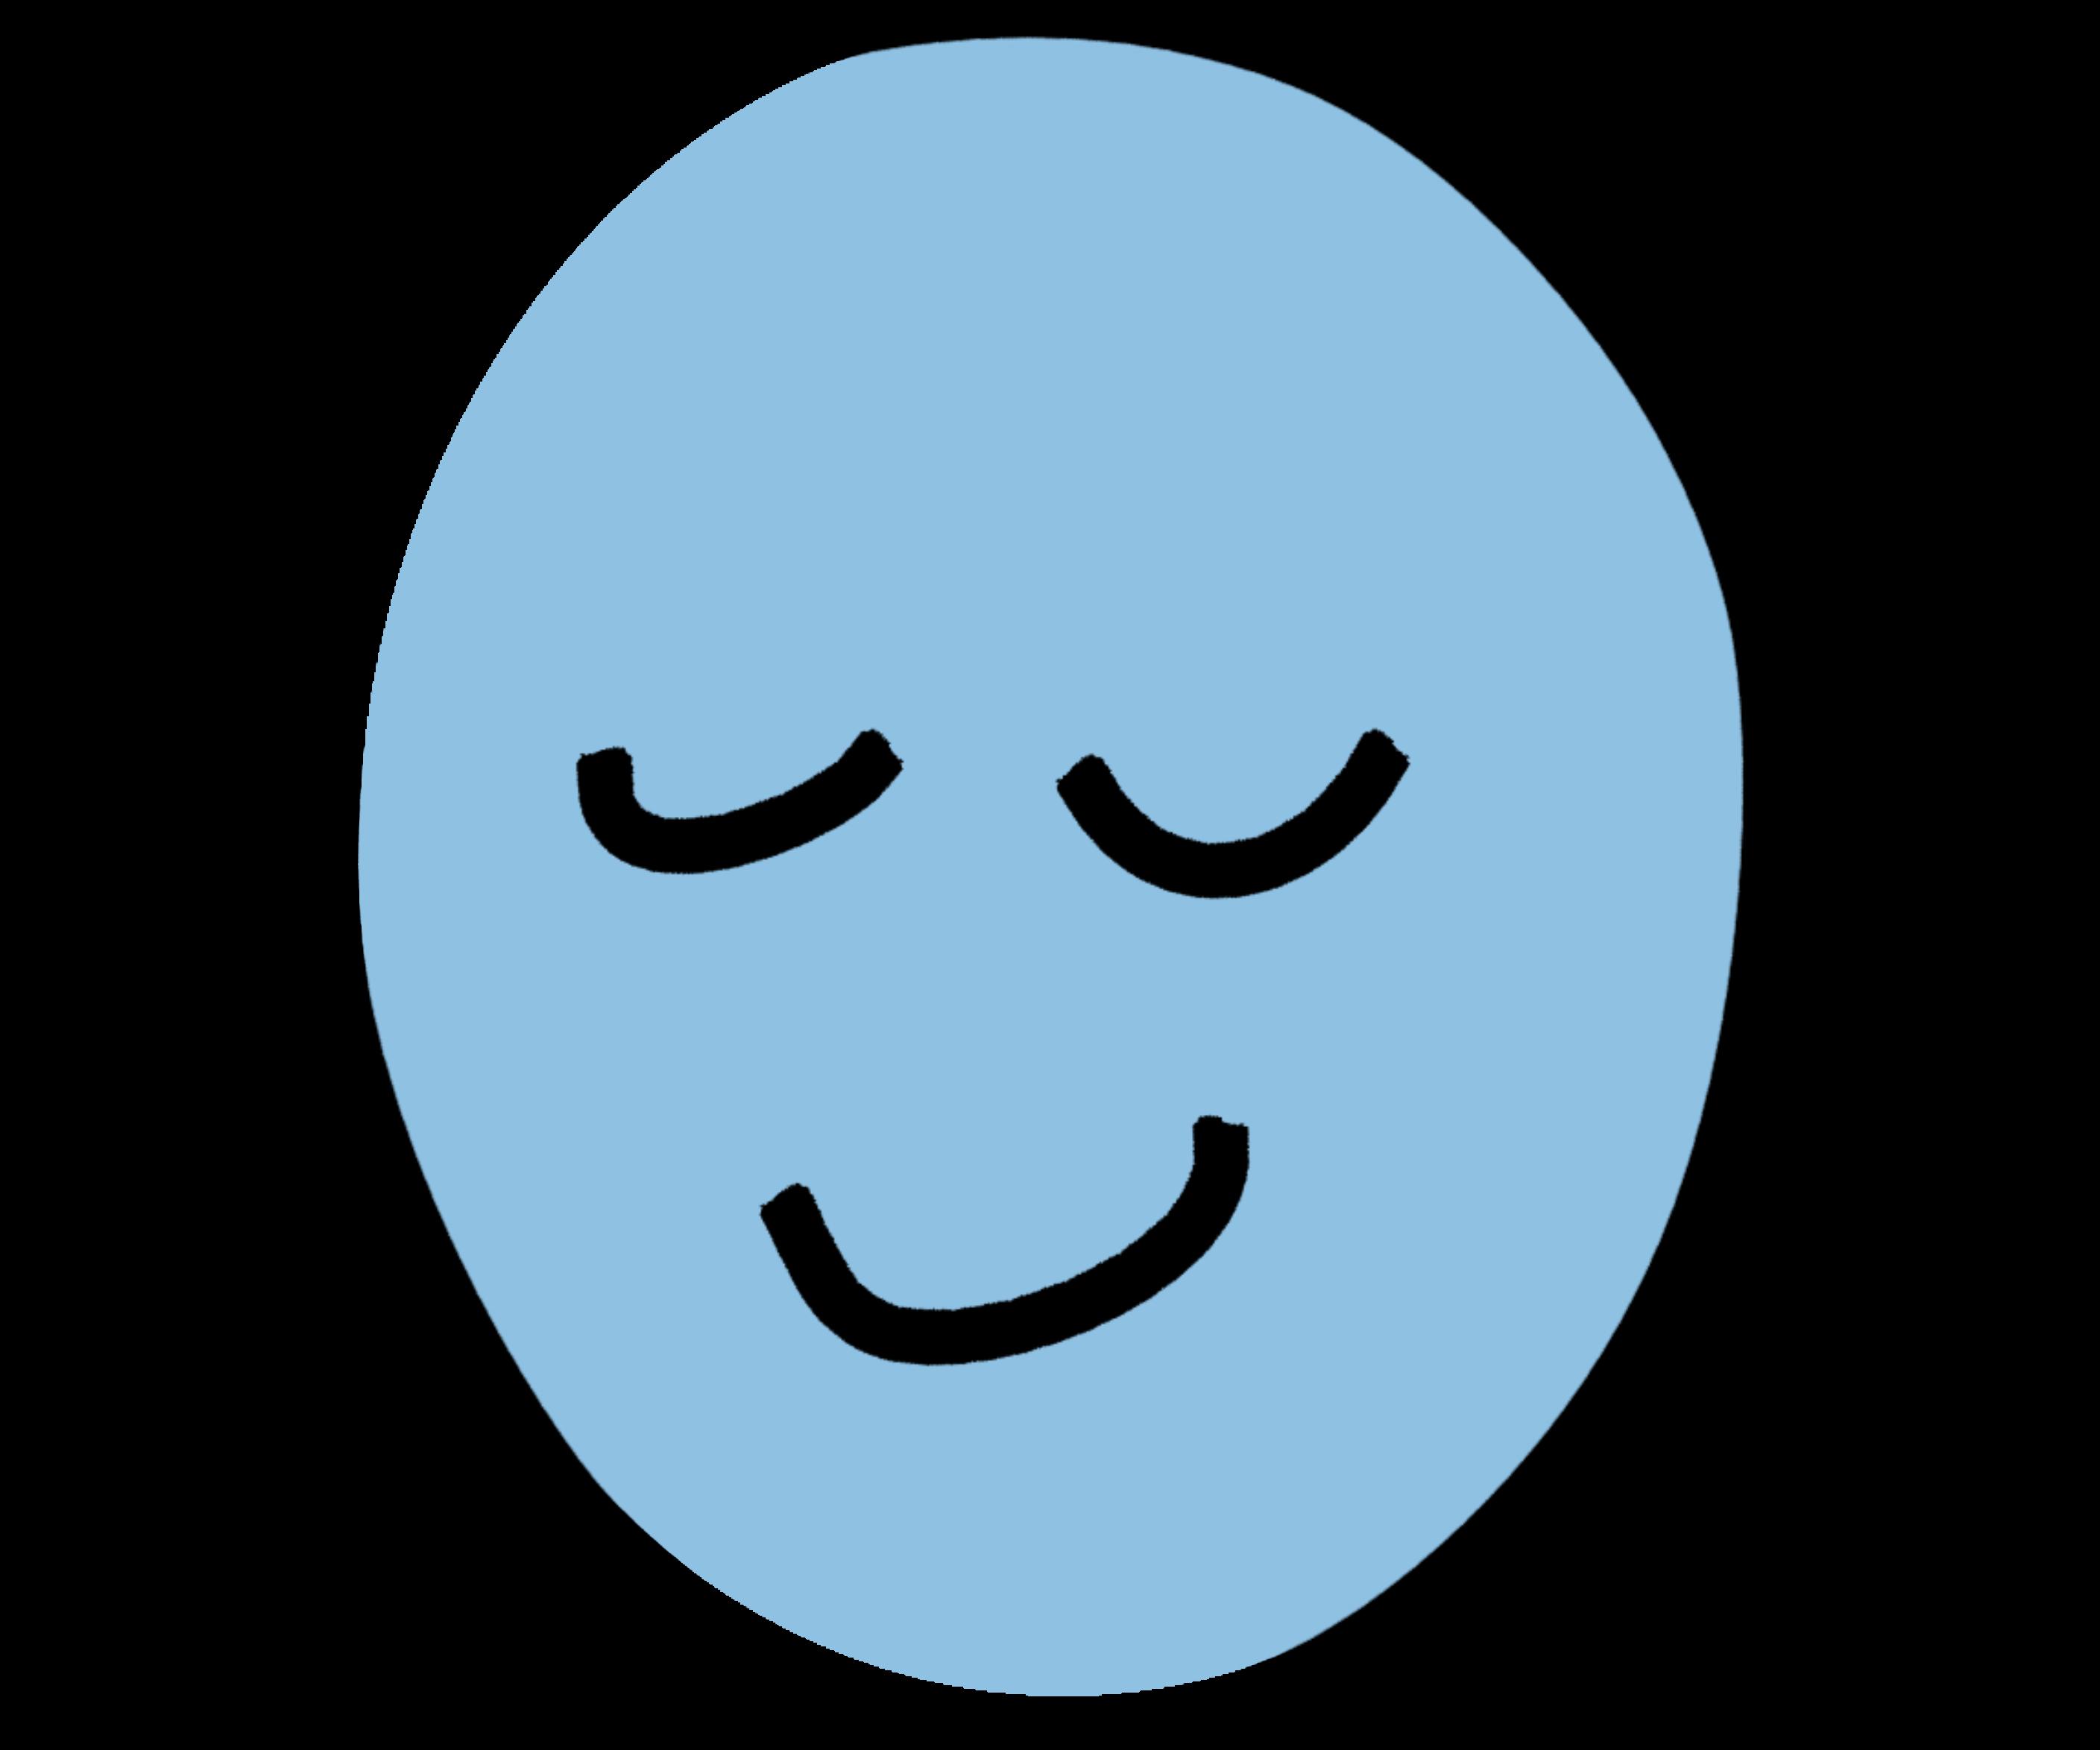 """Tekening van een rustgevend hoofd als symbool voor """"relax & refresh"""""""